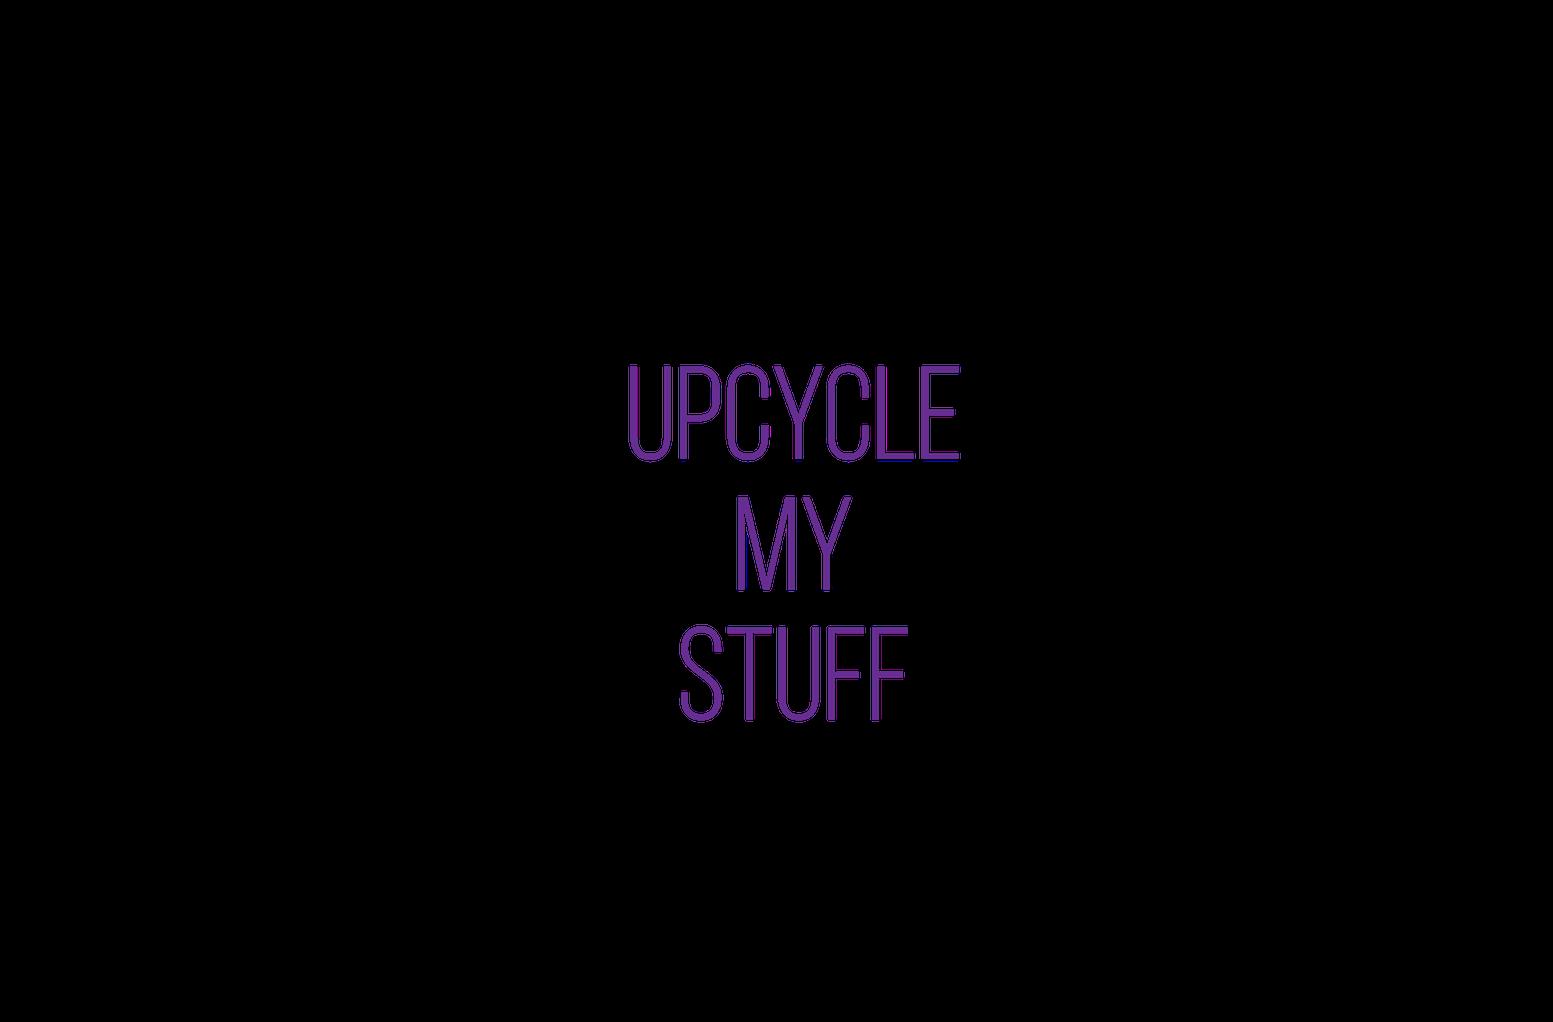 Upcycle my Stuff